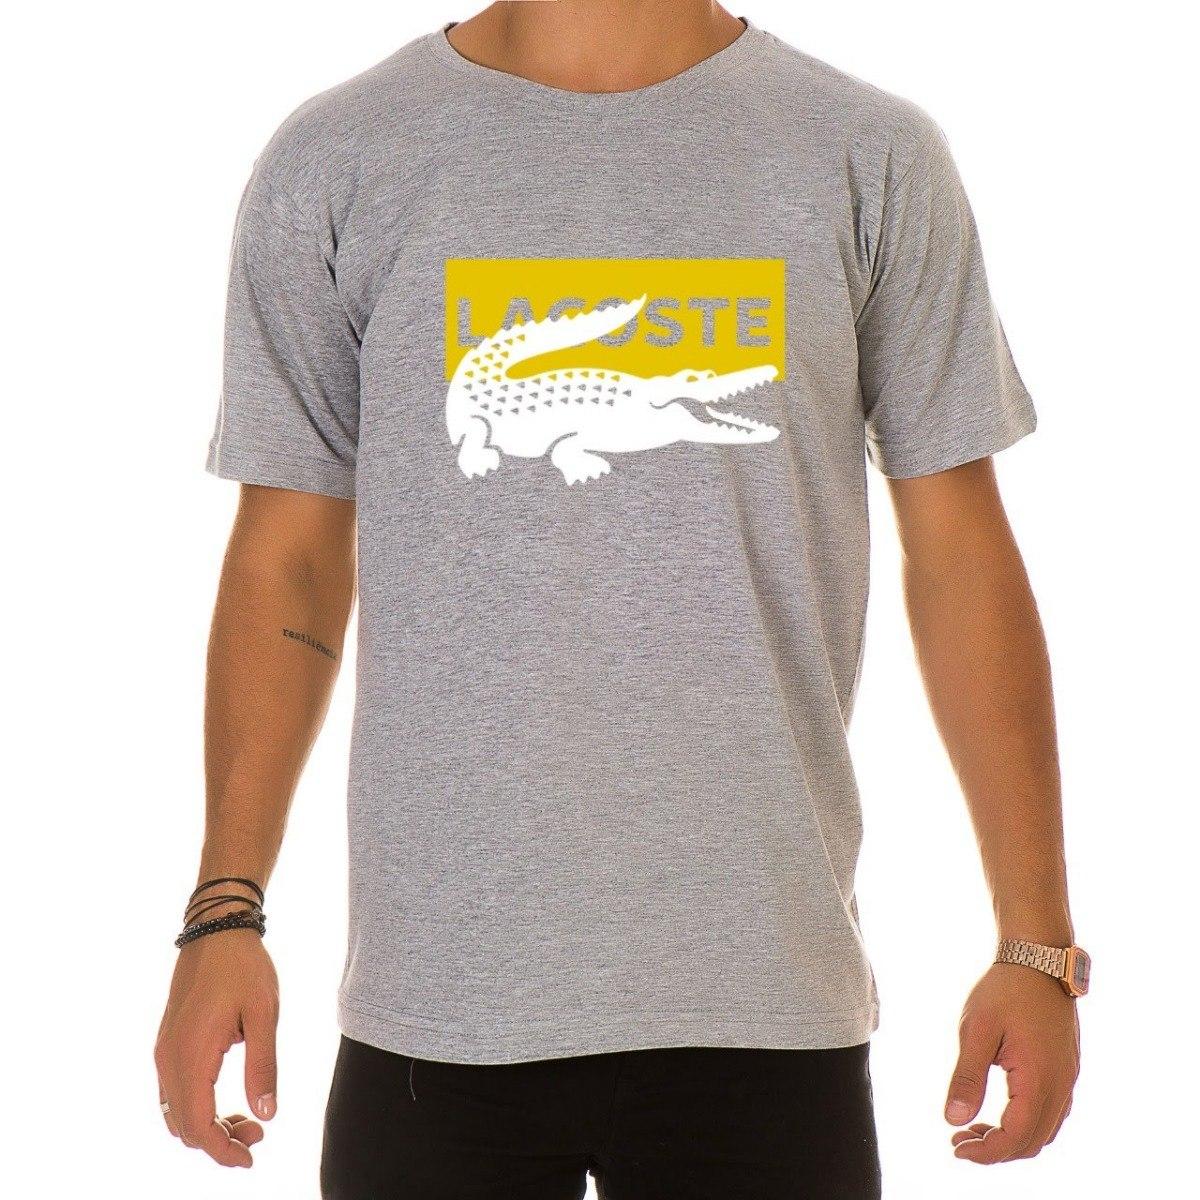 6bdc5339743dd camiseta camisa blusa masculina de marca lacoste. Carregando zoom.